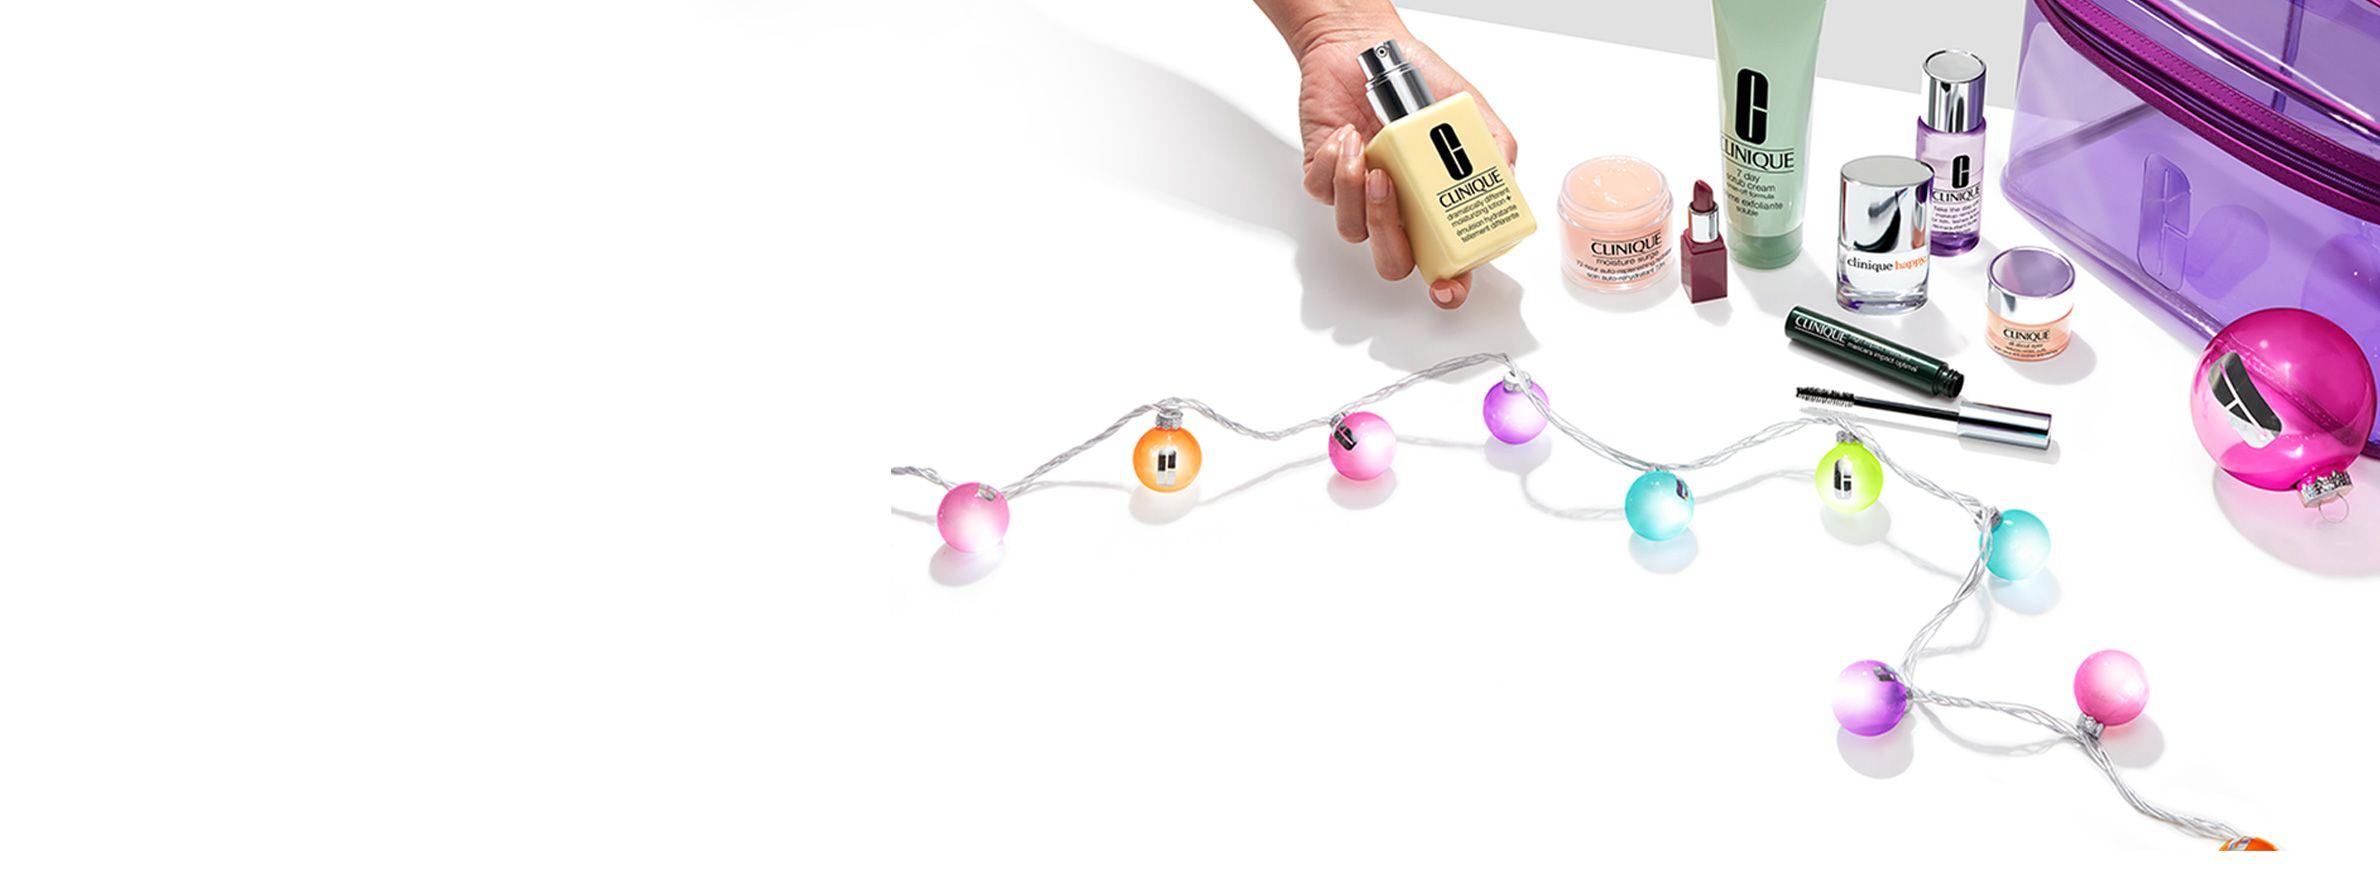 Clinique John Lewis Partners Super Powder Double Face Makeup Matte Ivory 01 Shop Now